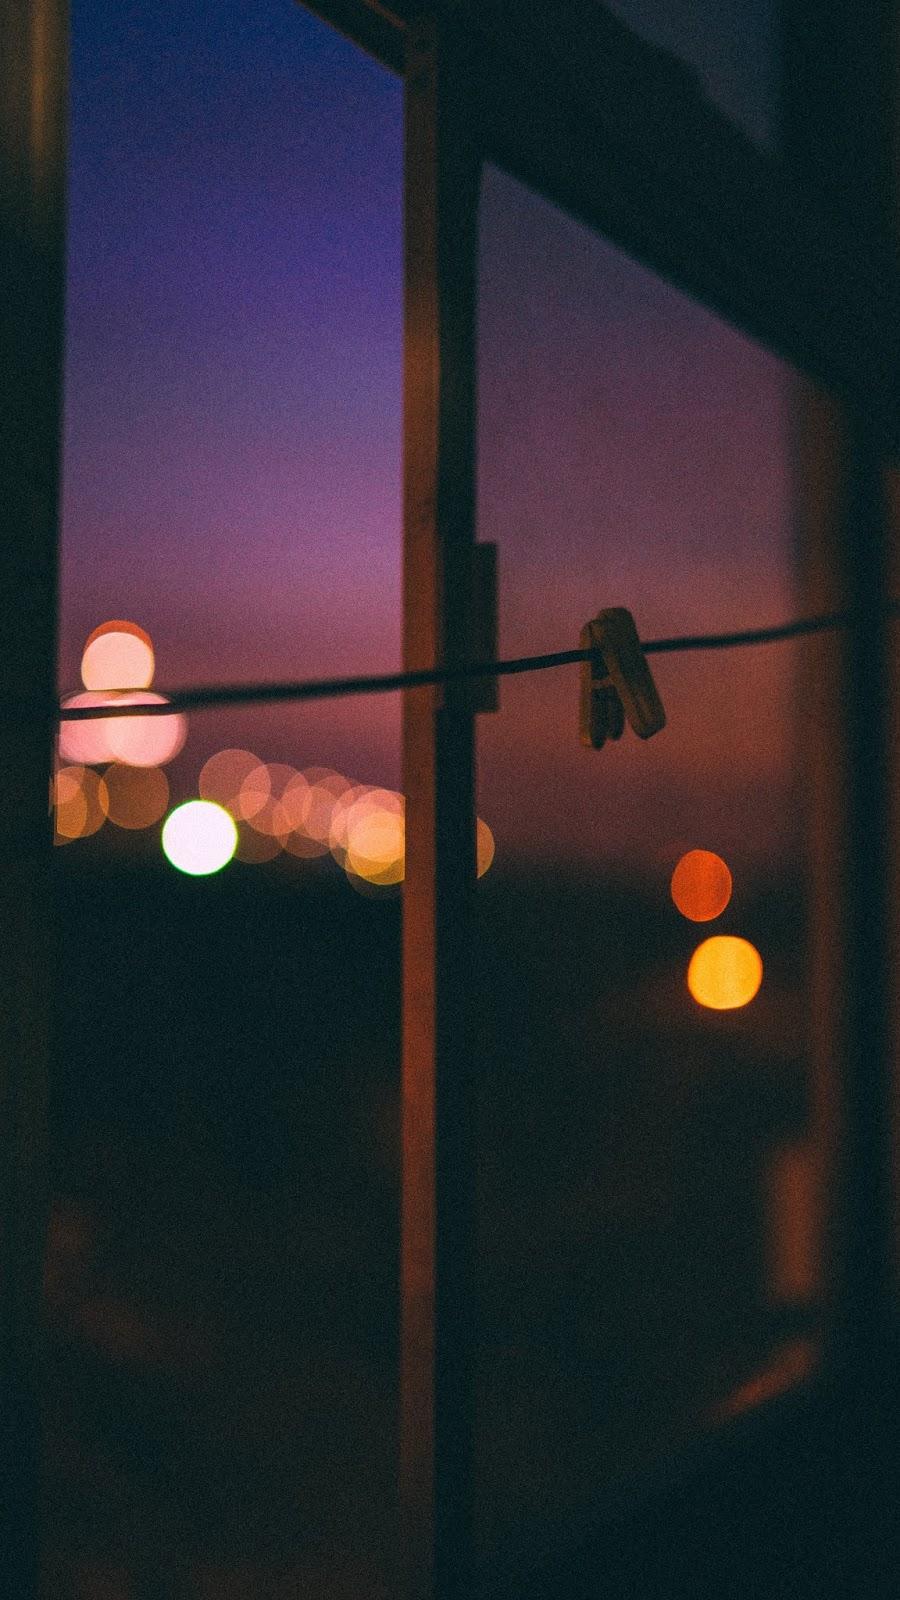 خلفيات للموبايل بقمة الجمال والخيال,wallpapers mobile,خلفيات للهاتف, خلفيات للايفون, خلفيات اندرويد, خلفيات جميلة للهاتف,خلفيات سامسونج,خلفيات هواوي,السمات